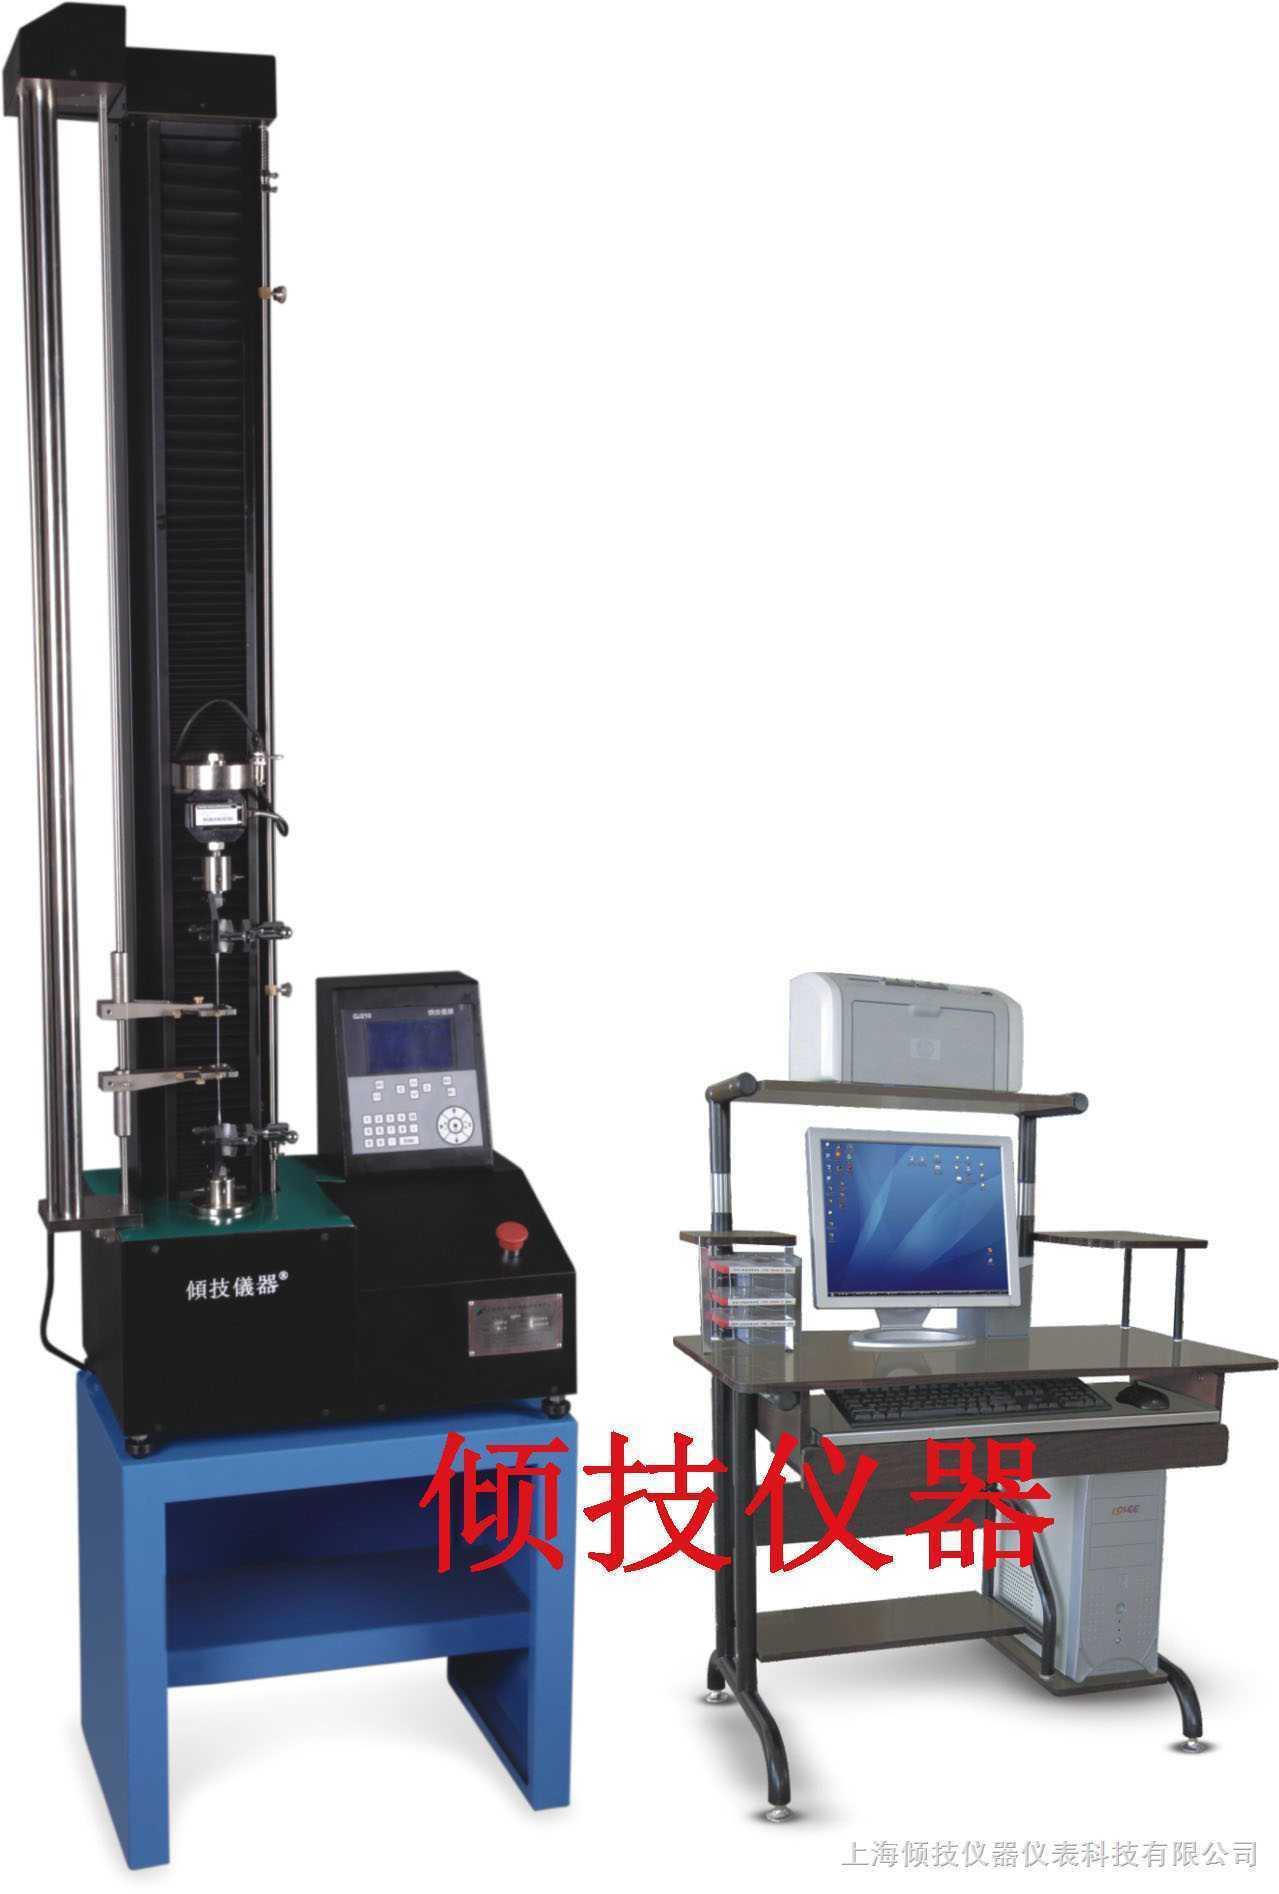 万能拉力试验机、、单柱拉力机、单柱拉力试验机